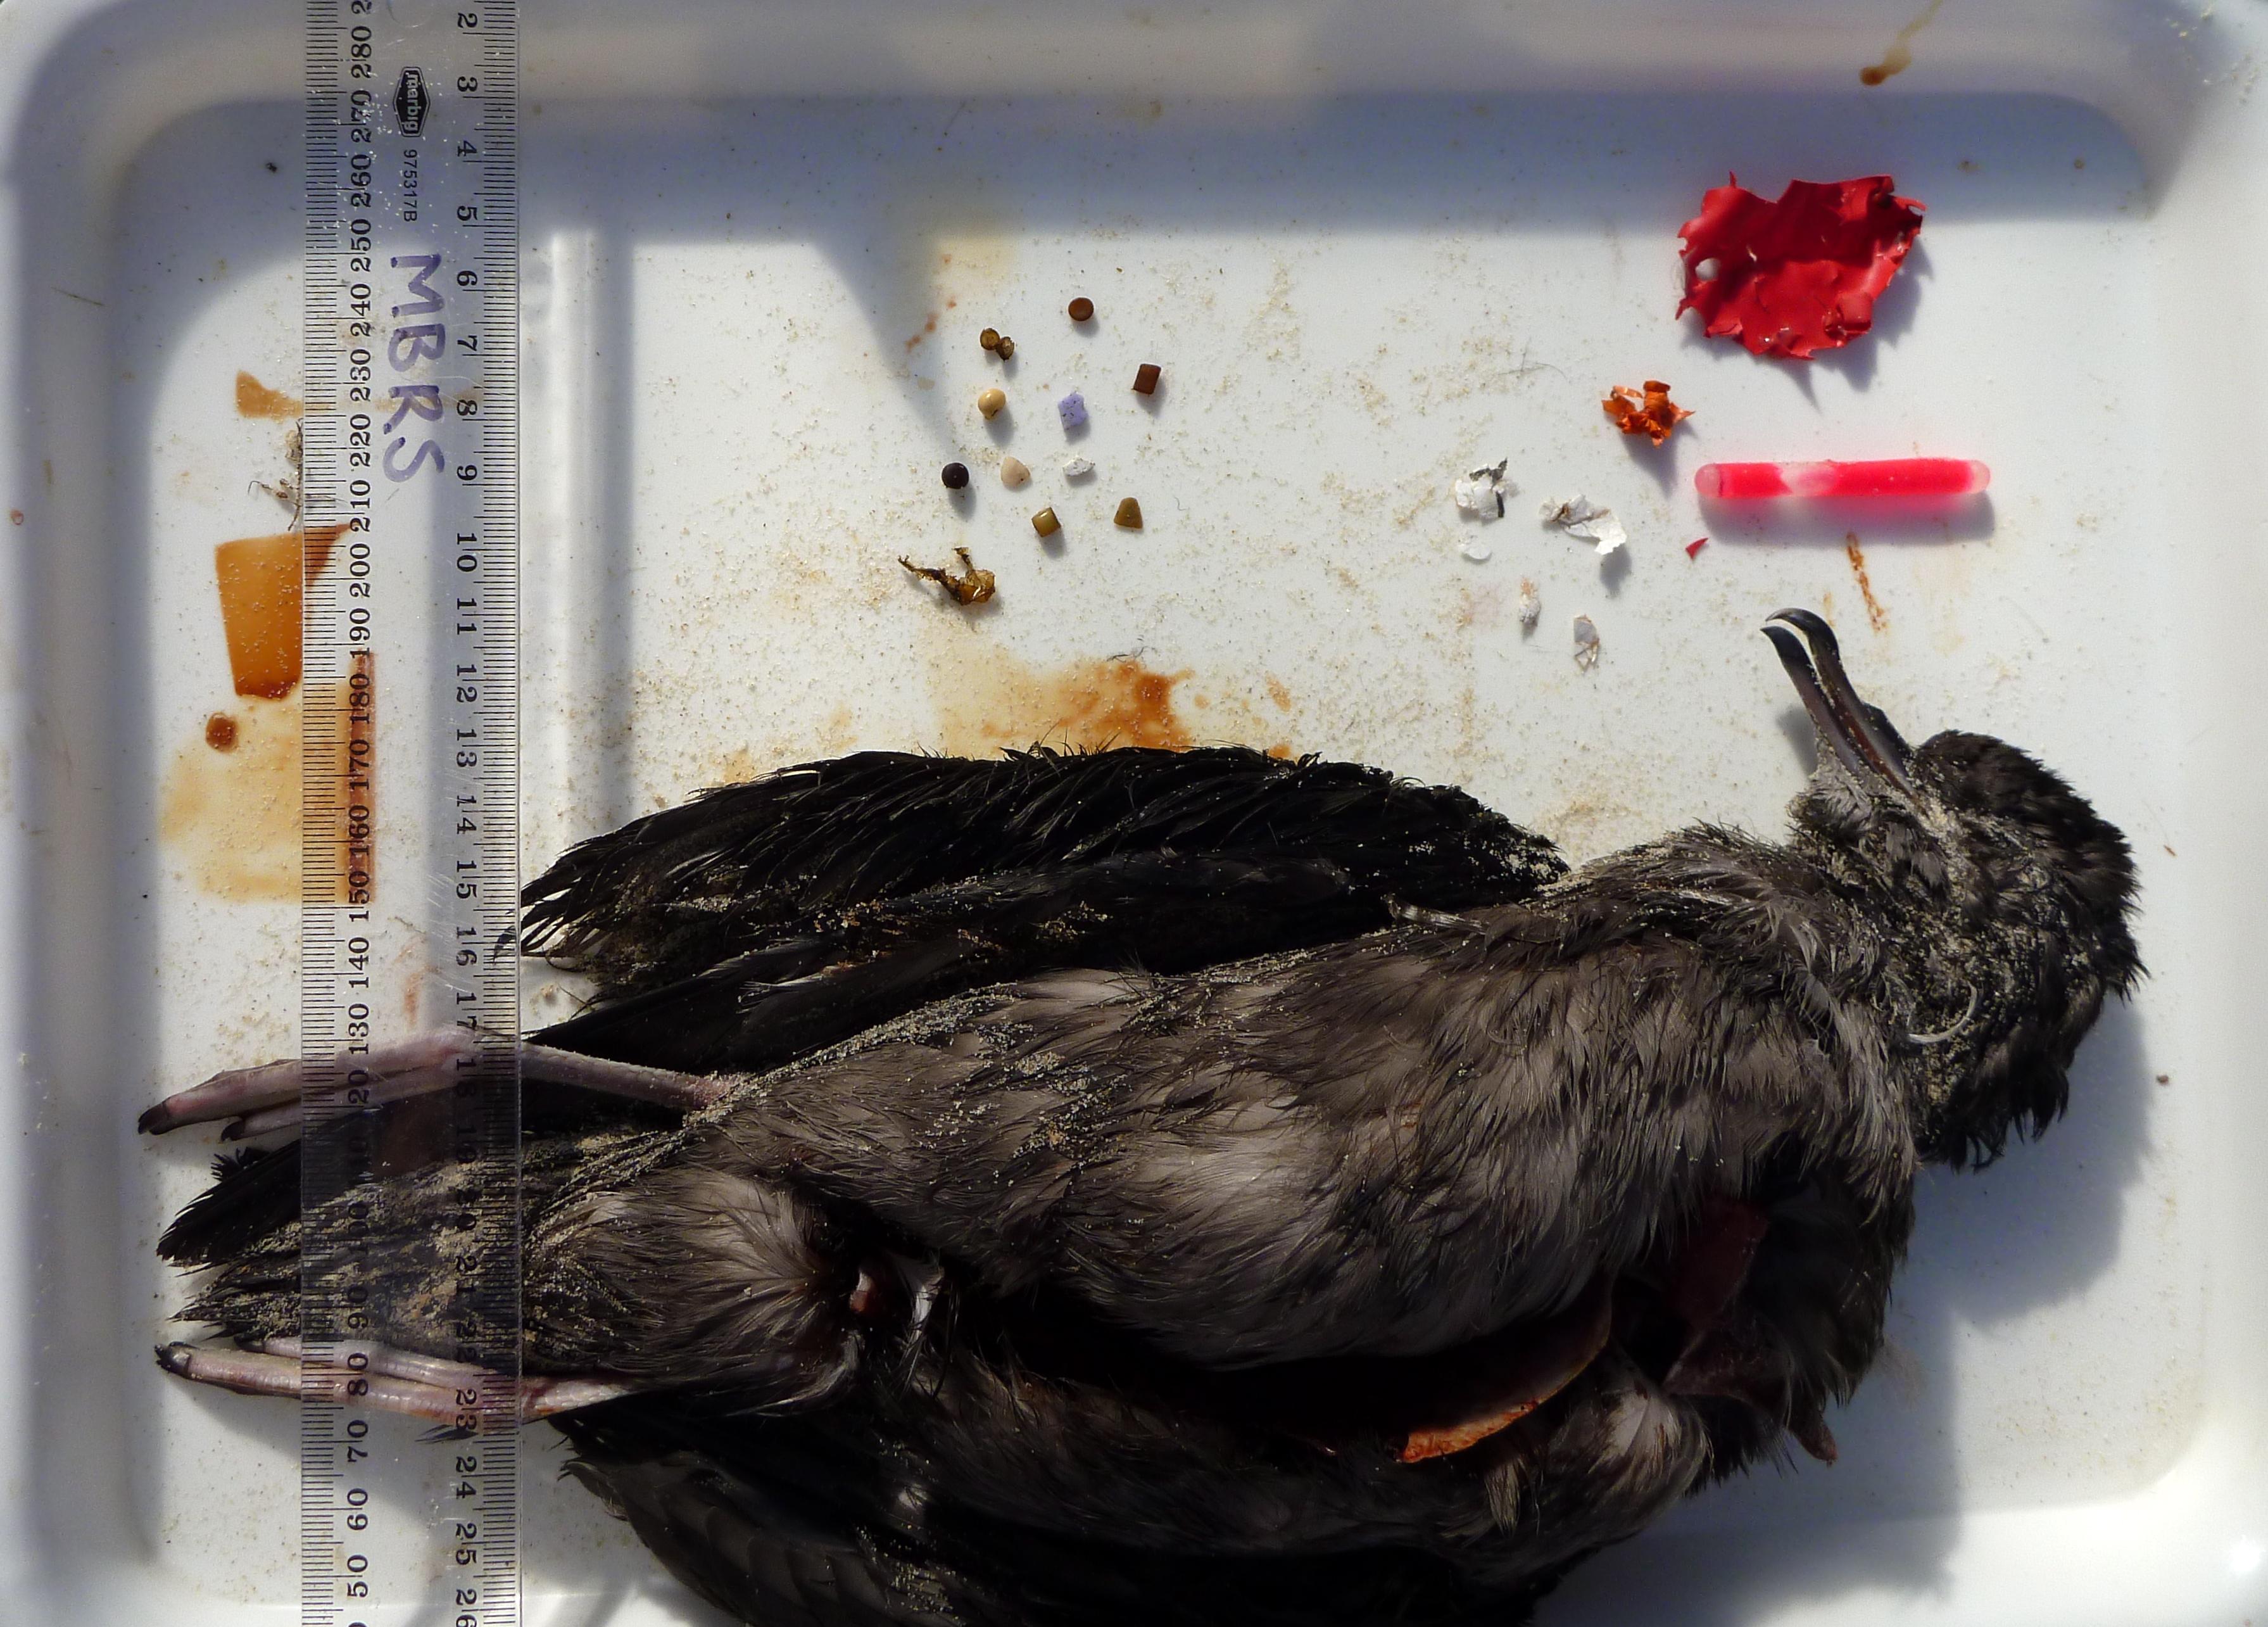 Uma das aves do estudo, com seu conteúdo estomacal, em sua maioria, plástico. © Heidi Acampora